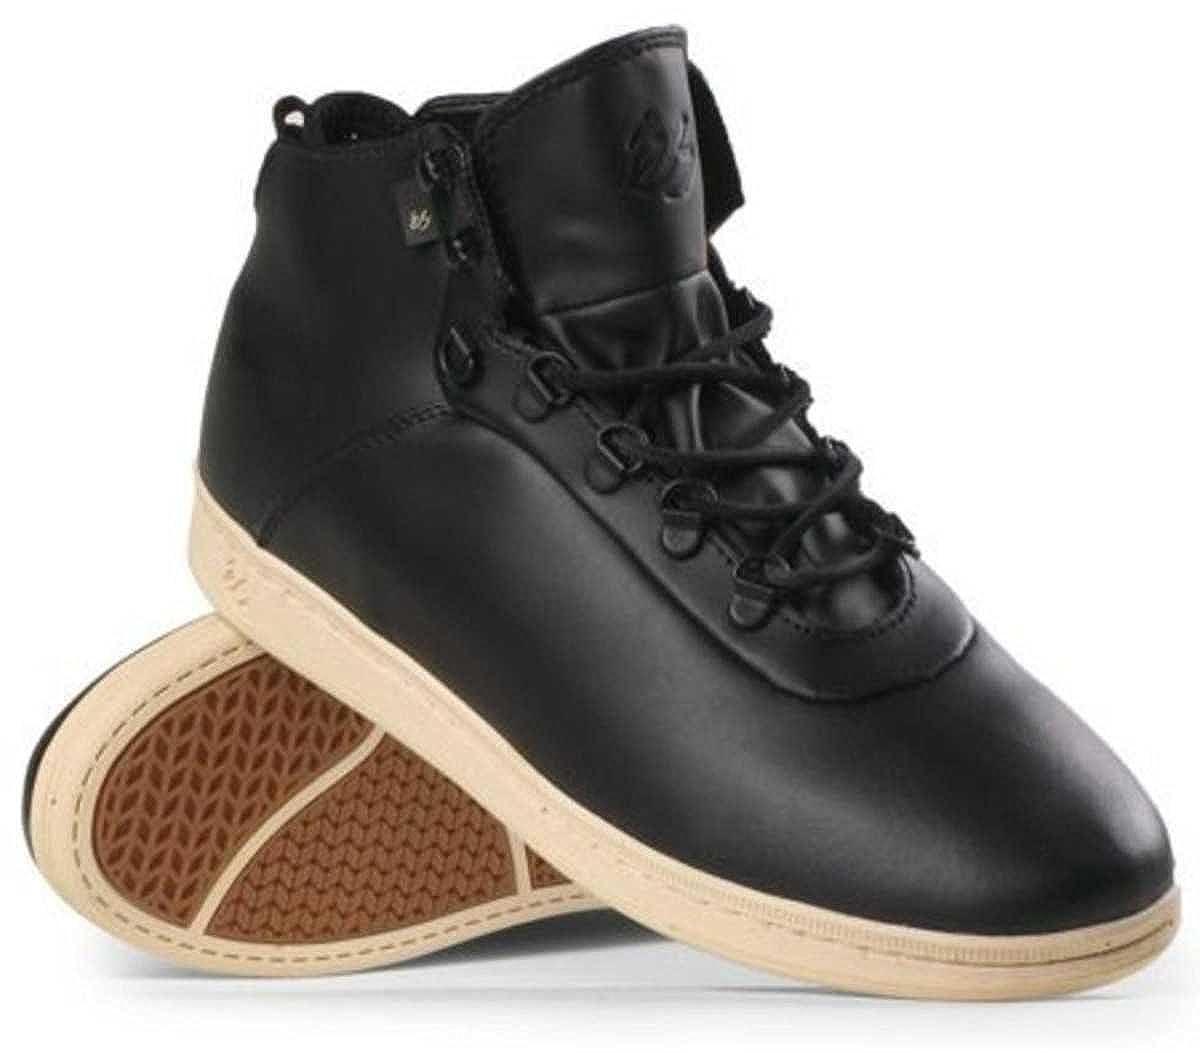 ES Footwear Skateboard Schuhe Leland LX schwarz Tan